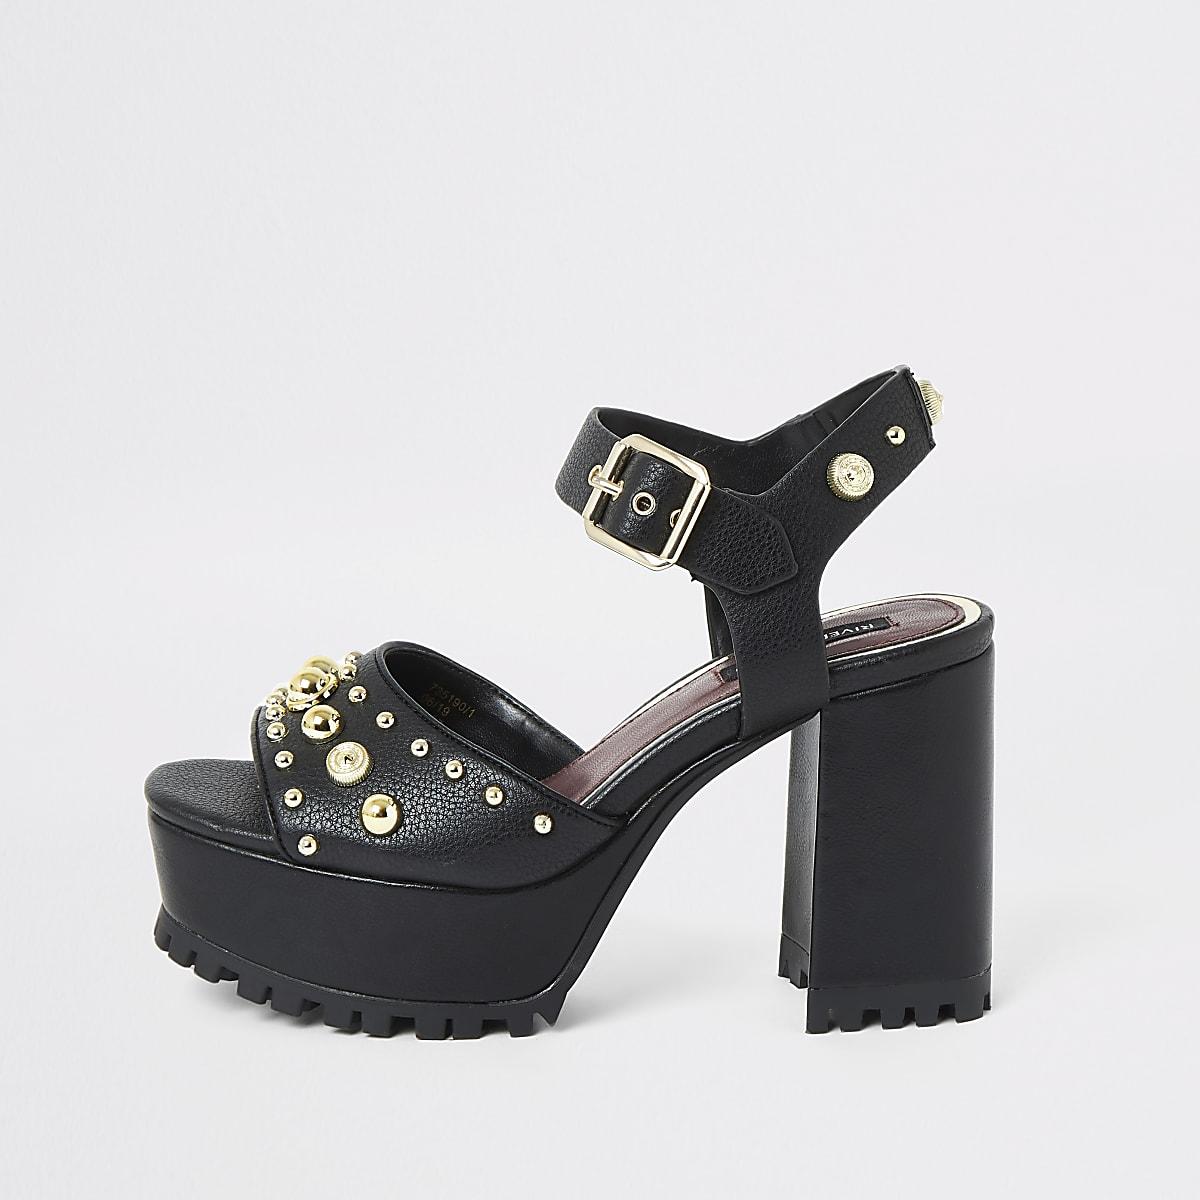 Zwarte sandalen met studs en plateauzolen met profiel